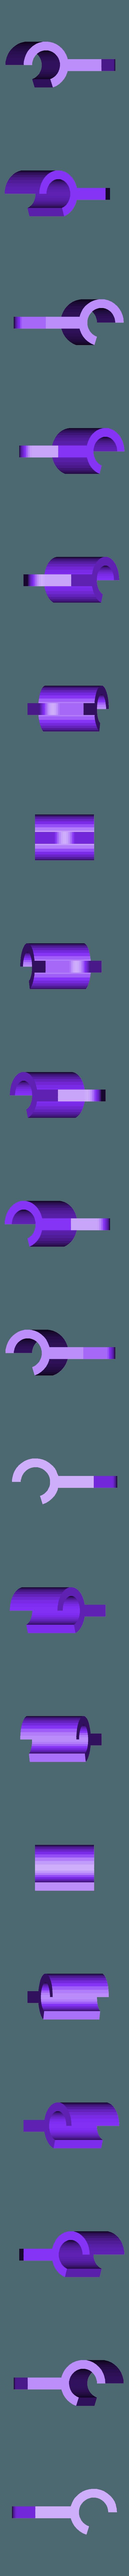 kossel_rod_spring_clip_long.stl Télécharger fichier STL gratuit Pinces à ressort Kossel pour tiges de 5 mm • Modèle imprimable en 3D, peaberry